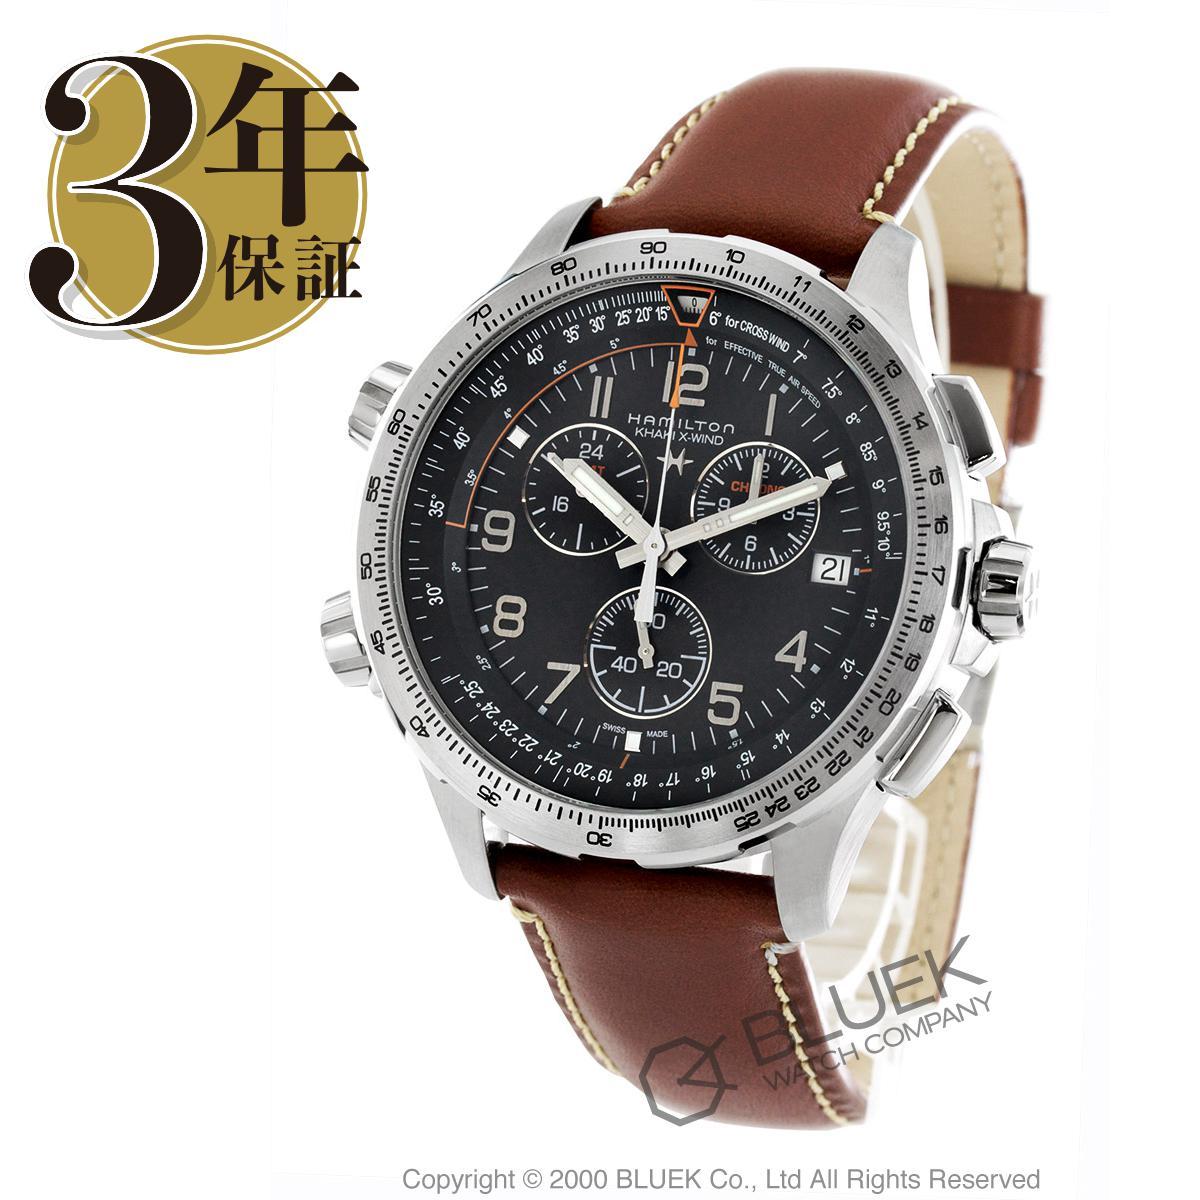 ハミルトン カーキ アビエーション X-ウィンド クロノグラフ GMT 腕時計 メンズ HAMILTON H77912535_8 バーゲン 成人祝い ギフト プレゼント